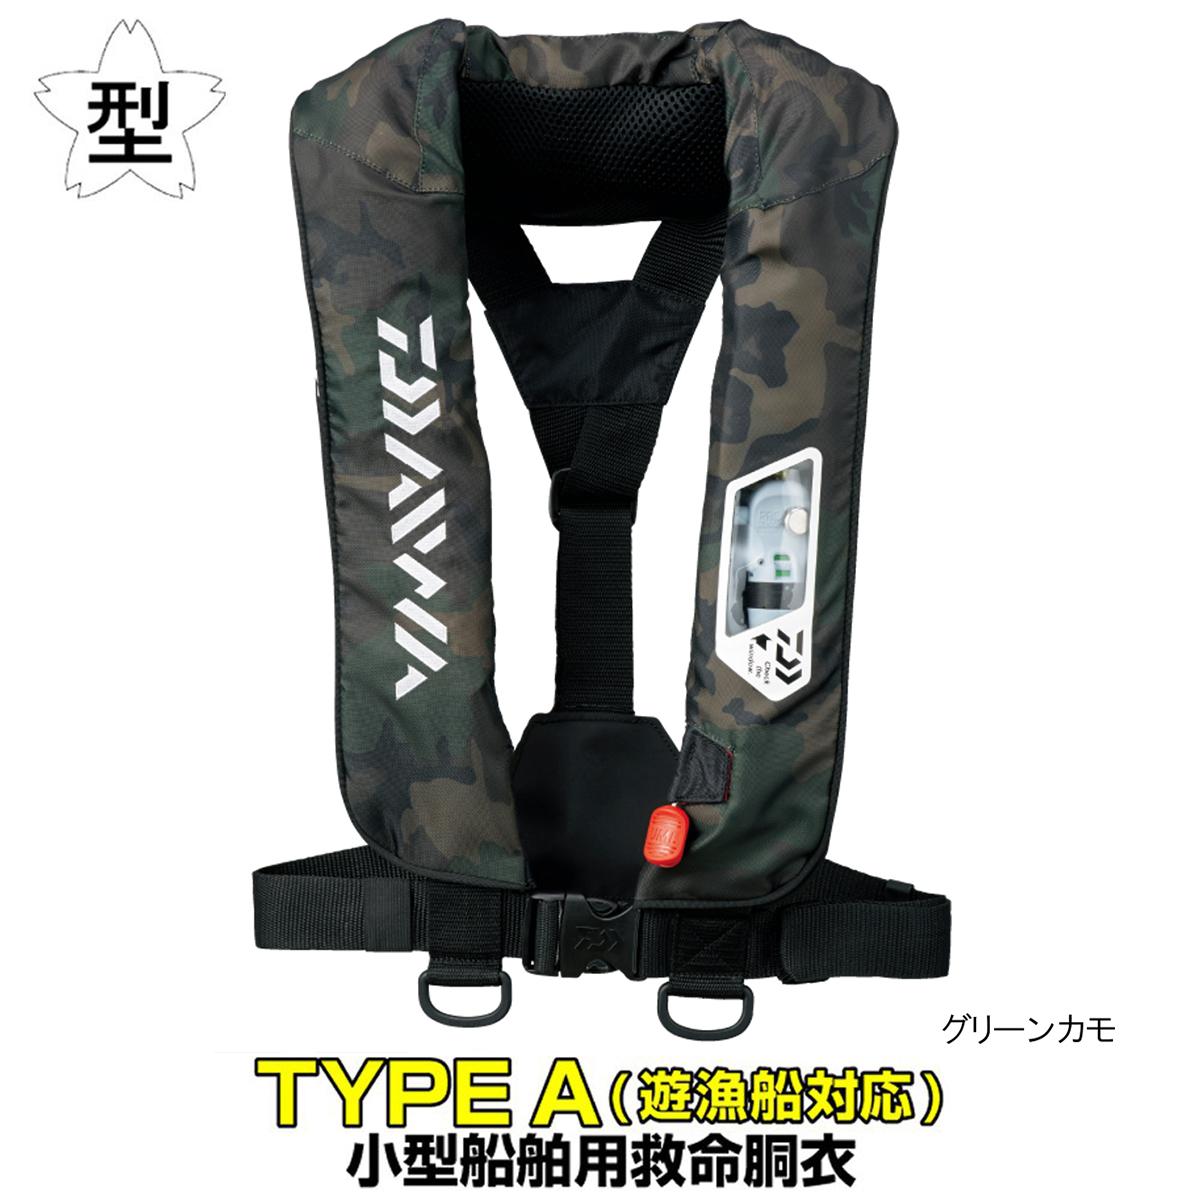 ダイワ ウォッシャブルライフジャケット(肩掛けタイプ手動・自動膨脹式) DF-2007 フリー グリーンカモ(東日本店)